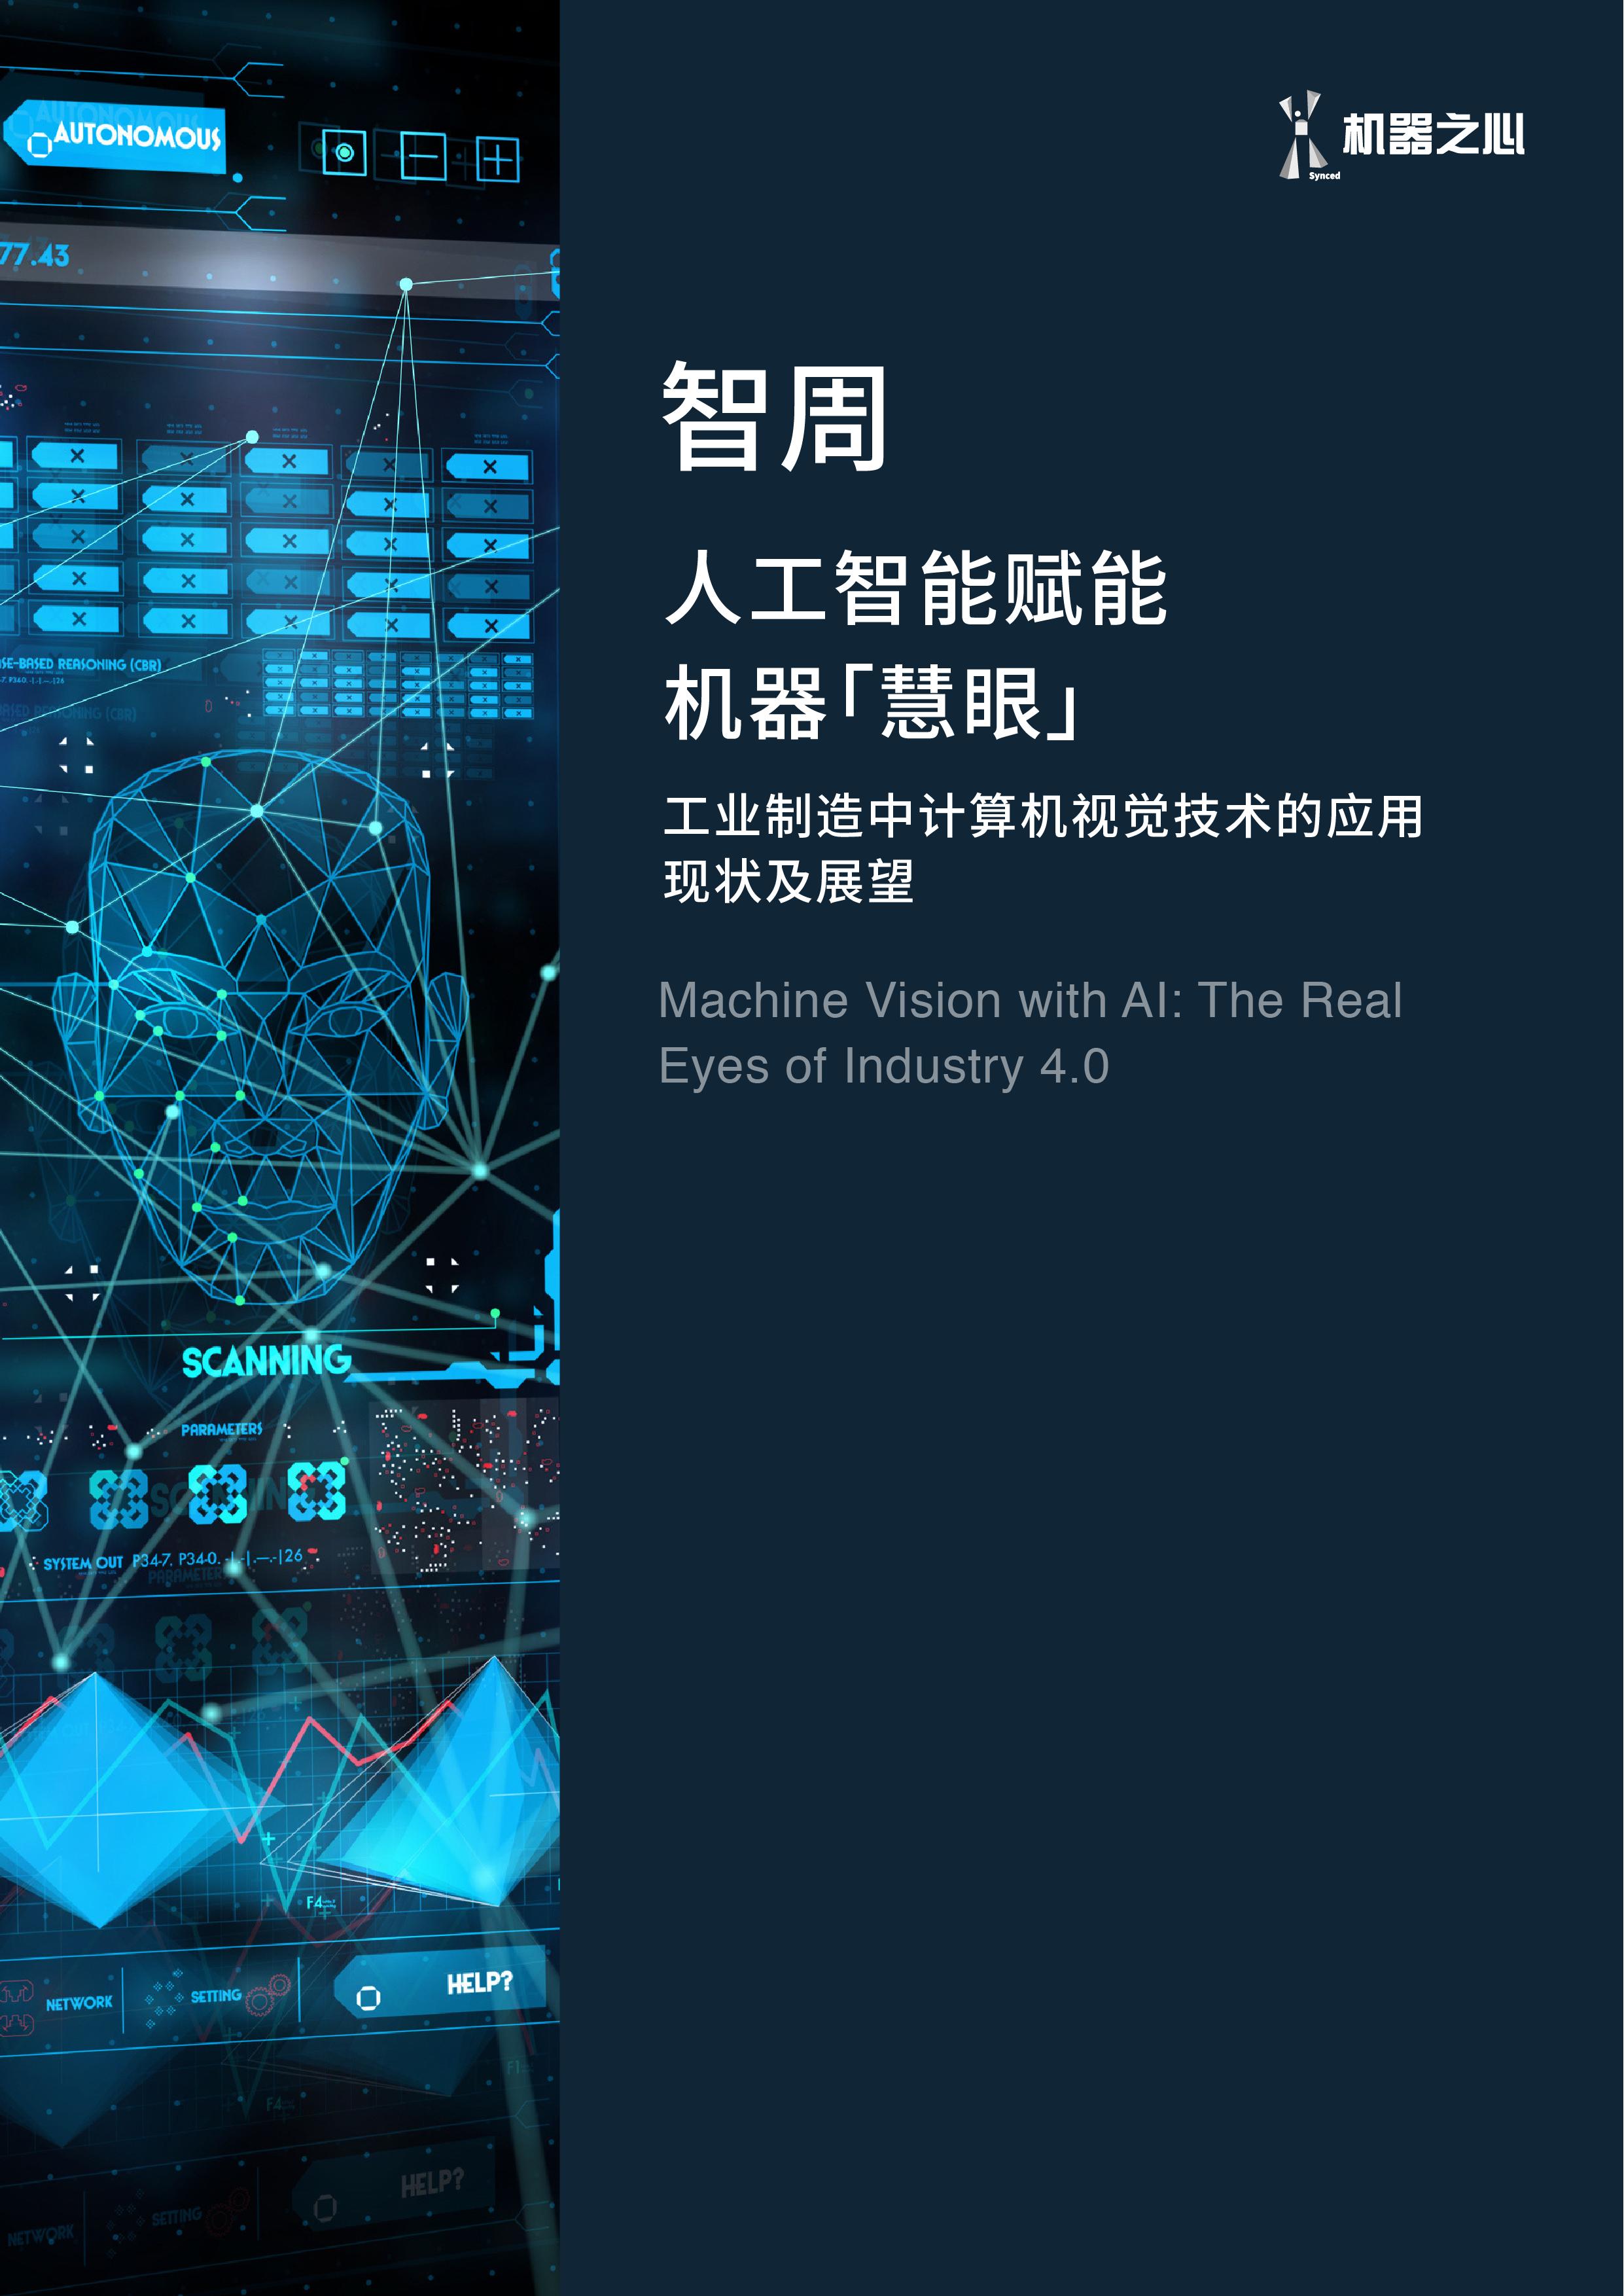 人工智能赋能机器「慧眼」工业制造中计算机视觉技术的应用现状及展望